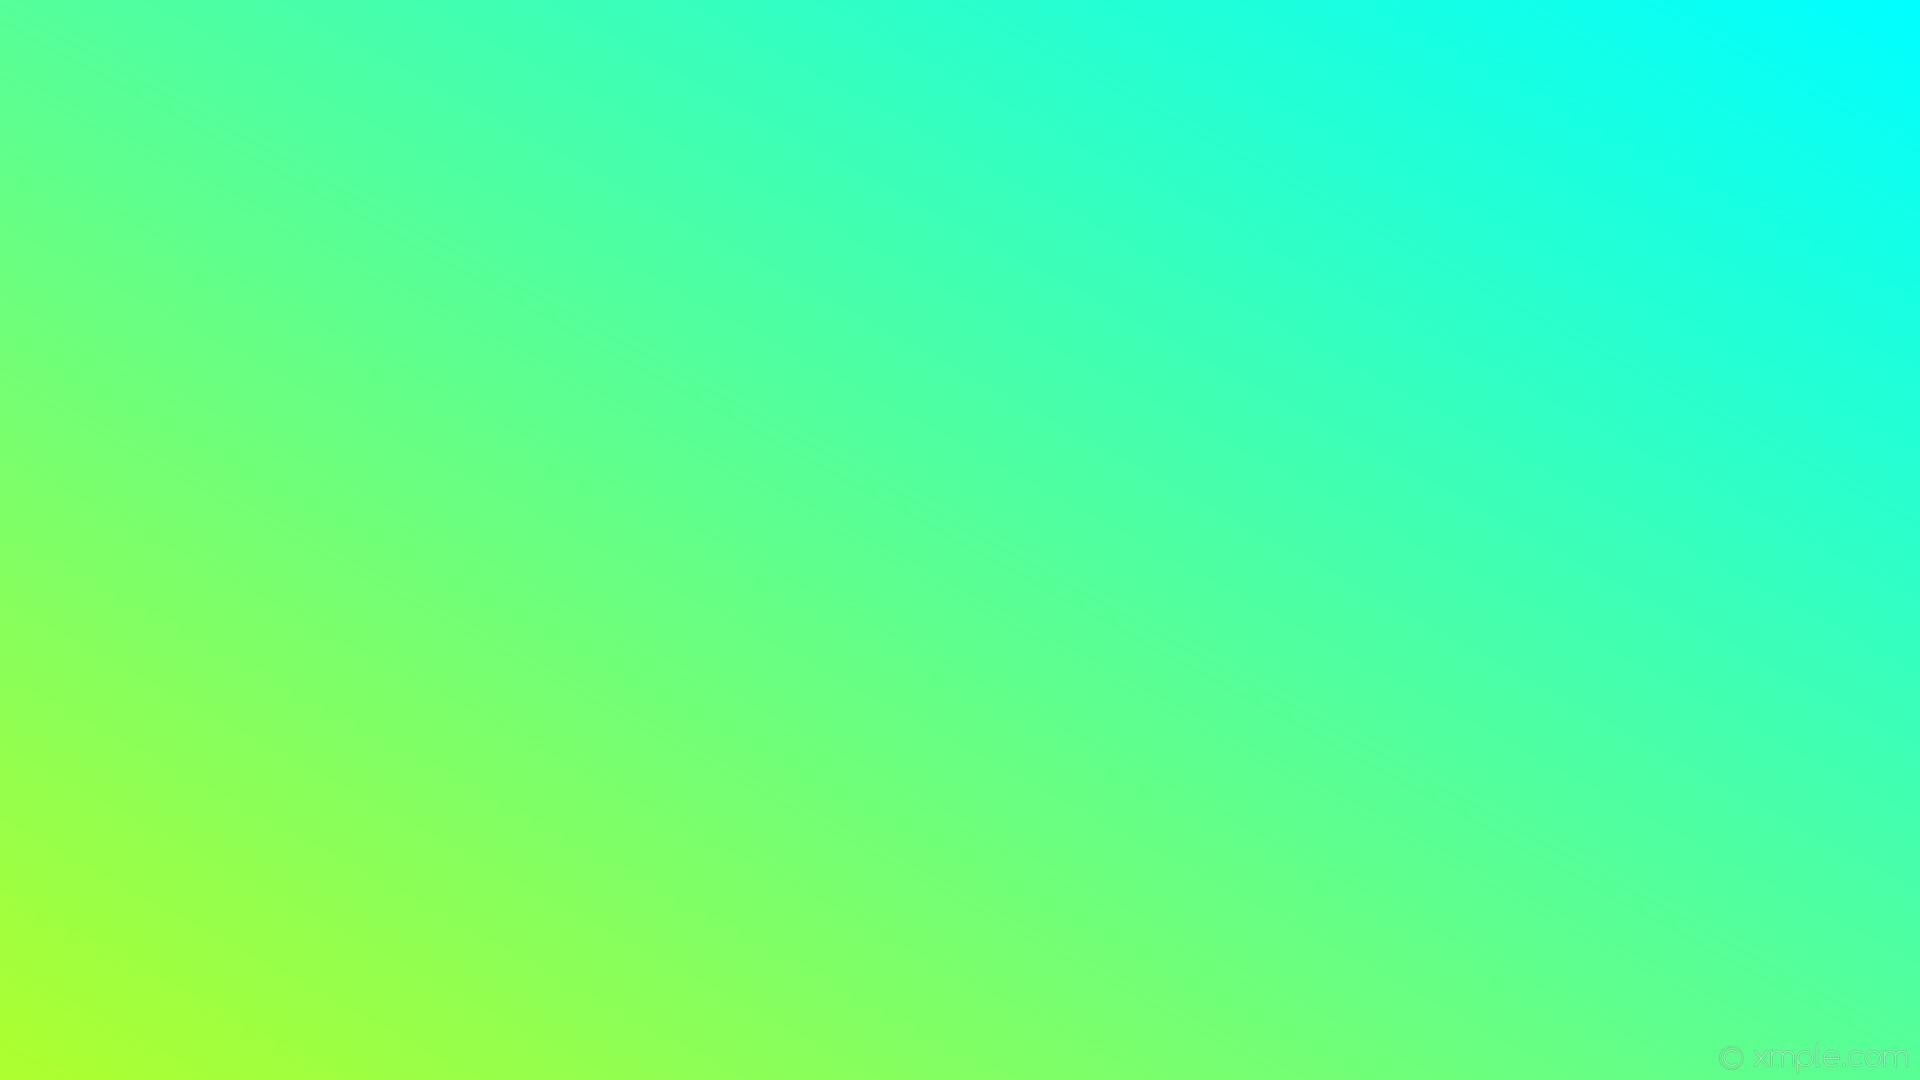 wallpaper gradient blue linear green aqua cyan green yellow #00ffff #adff2f  30°